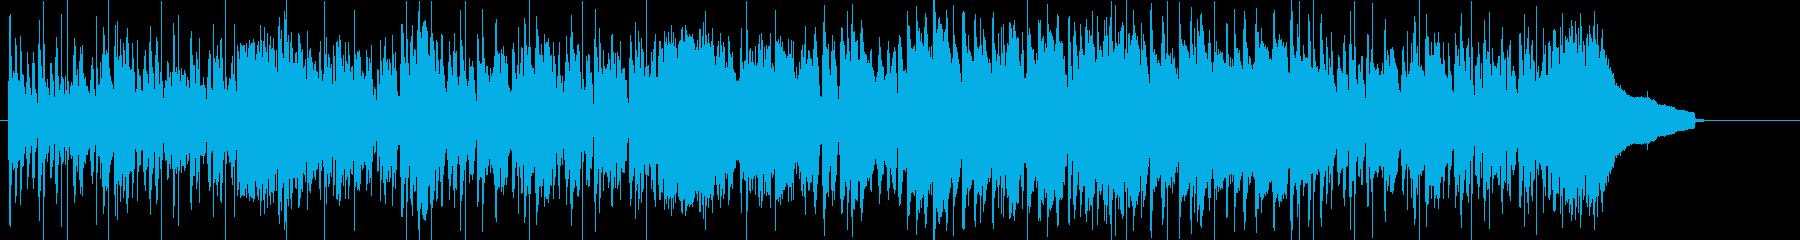 プログレ風のピアノ作品の再生済みの波形